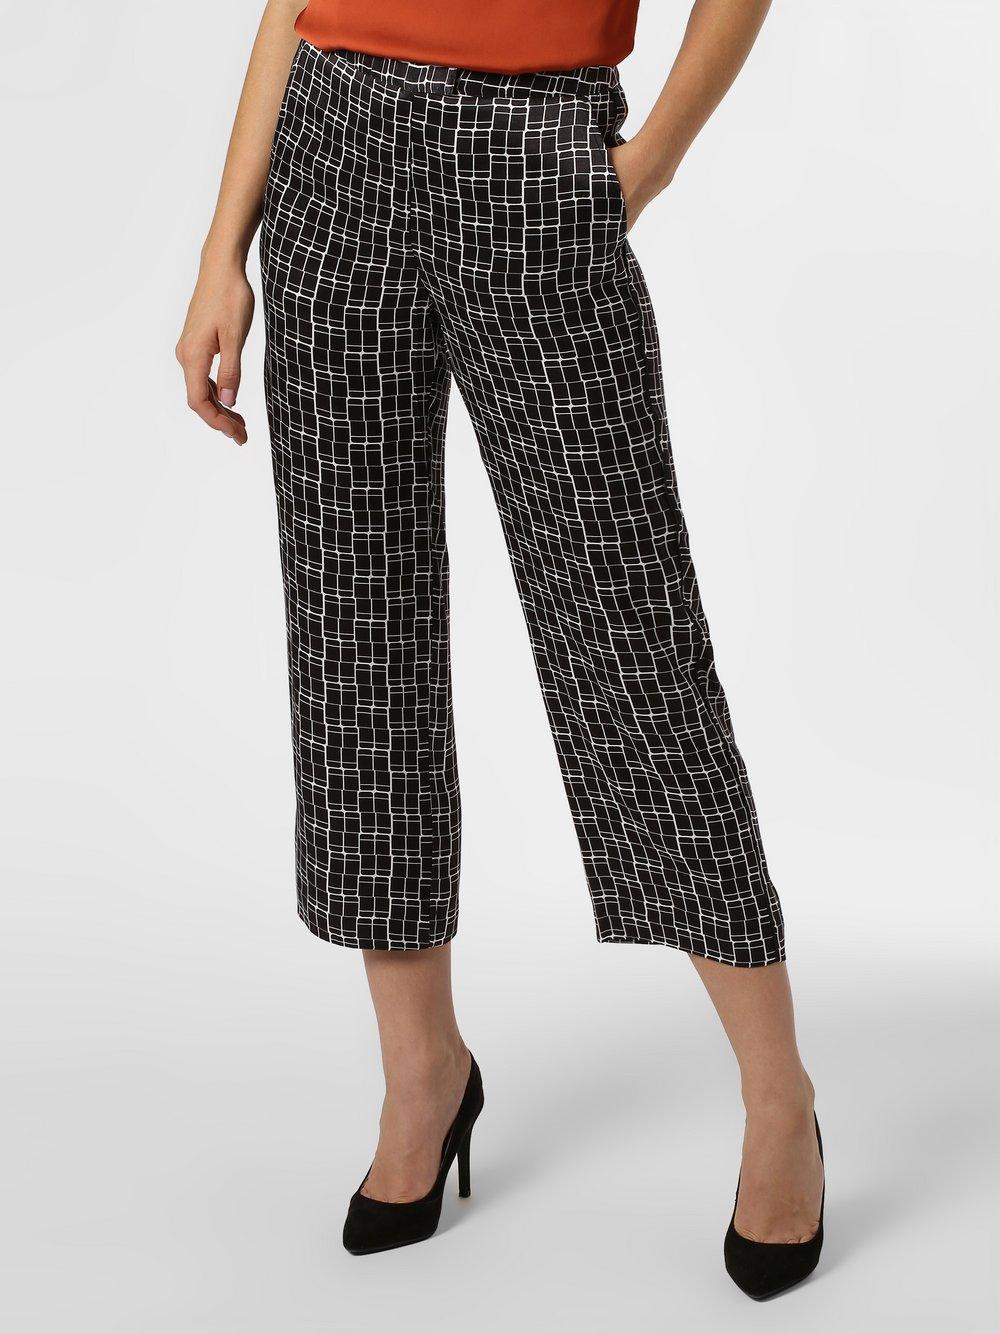 Someday - Spodnie damskie – Ciotr Grid, czarny